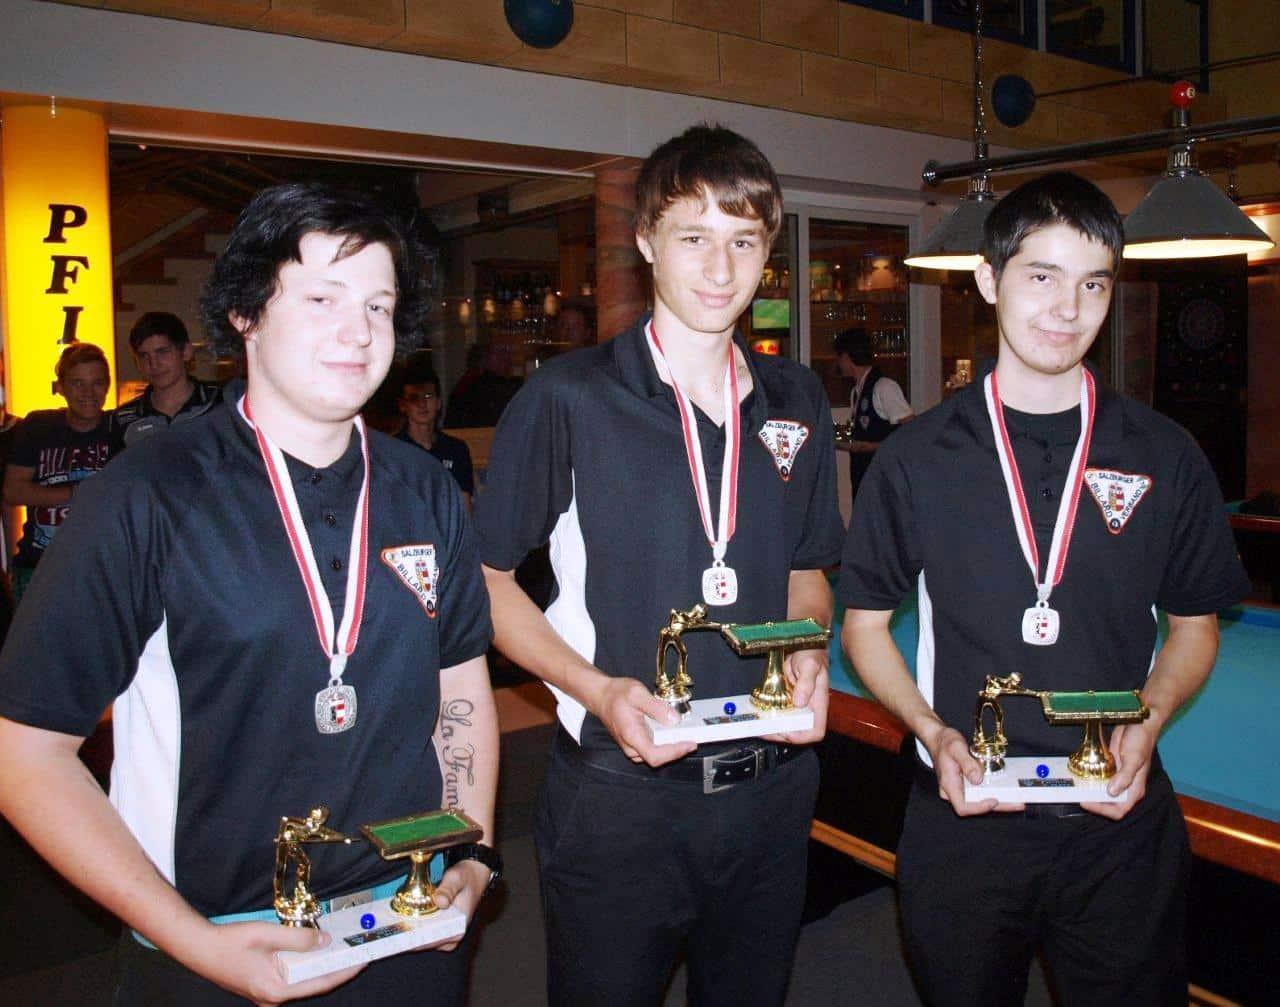 die Jugendmannschaft des ABC Lucky Pool Tennengau